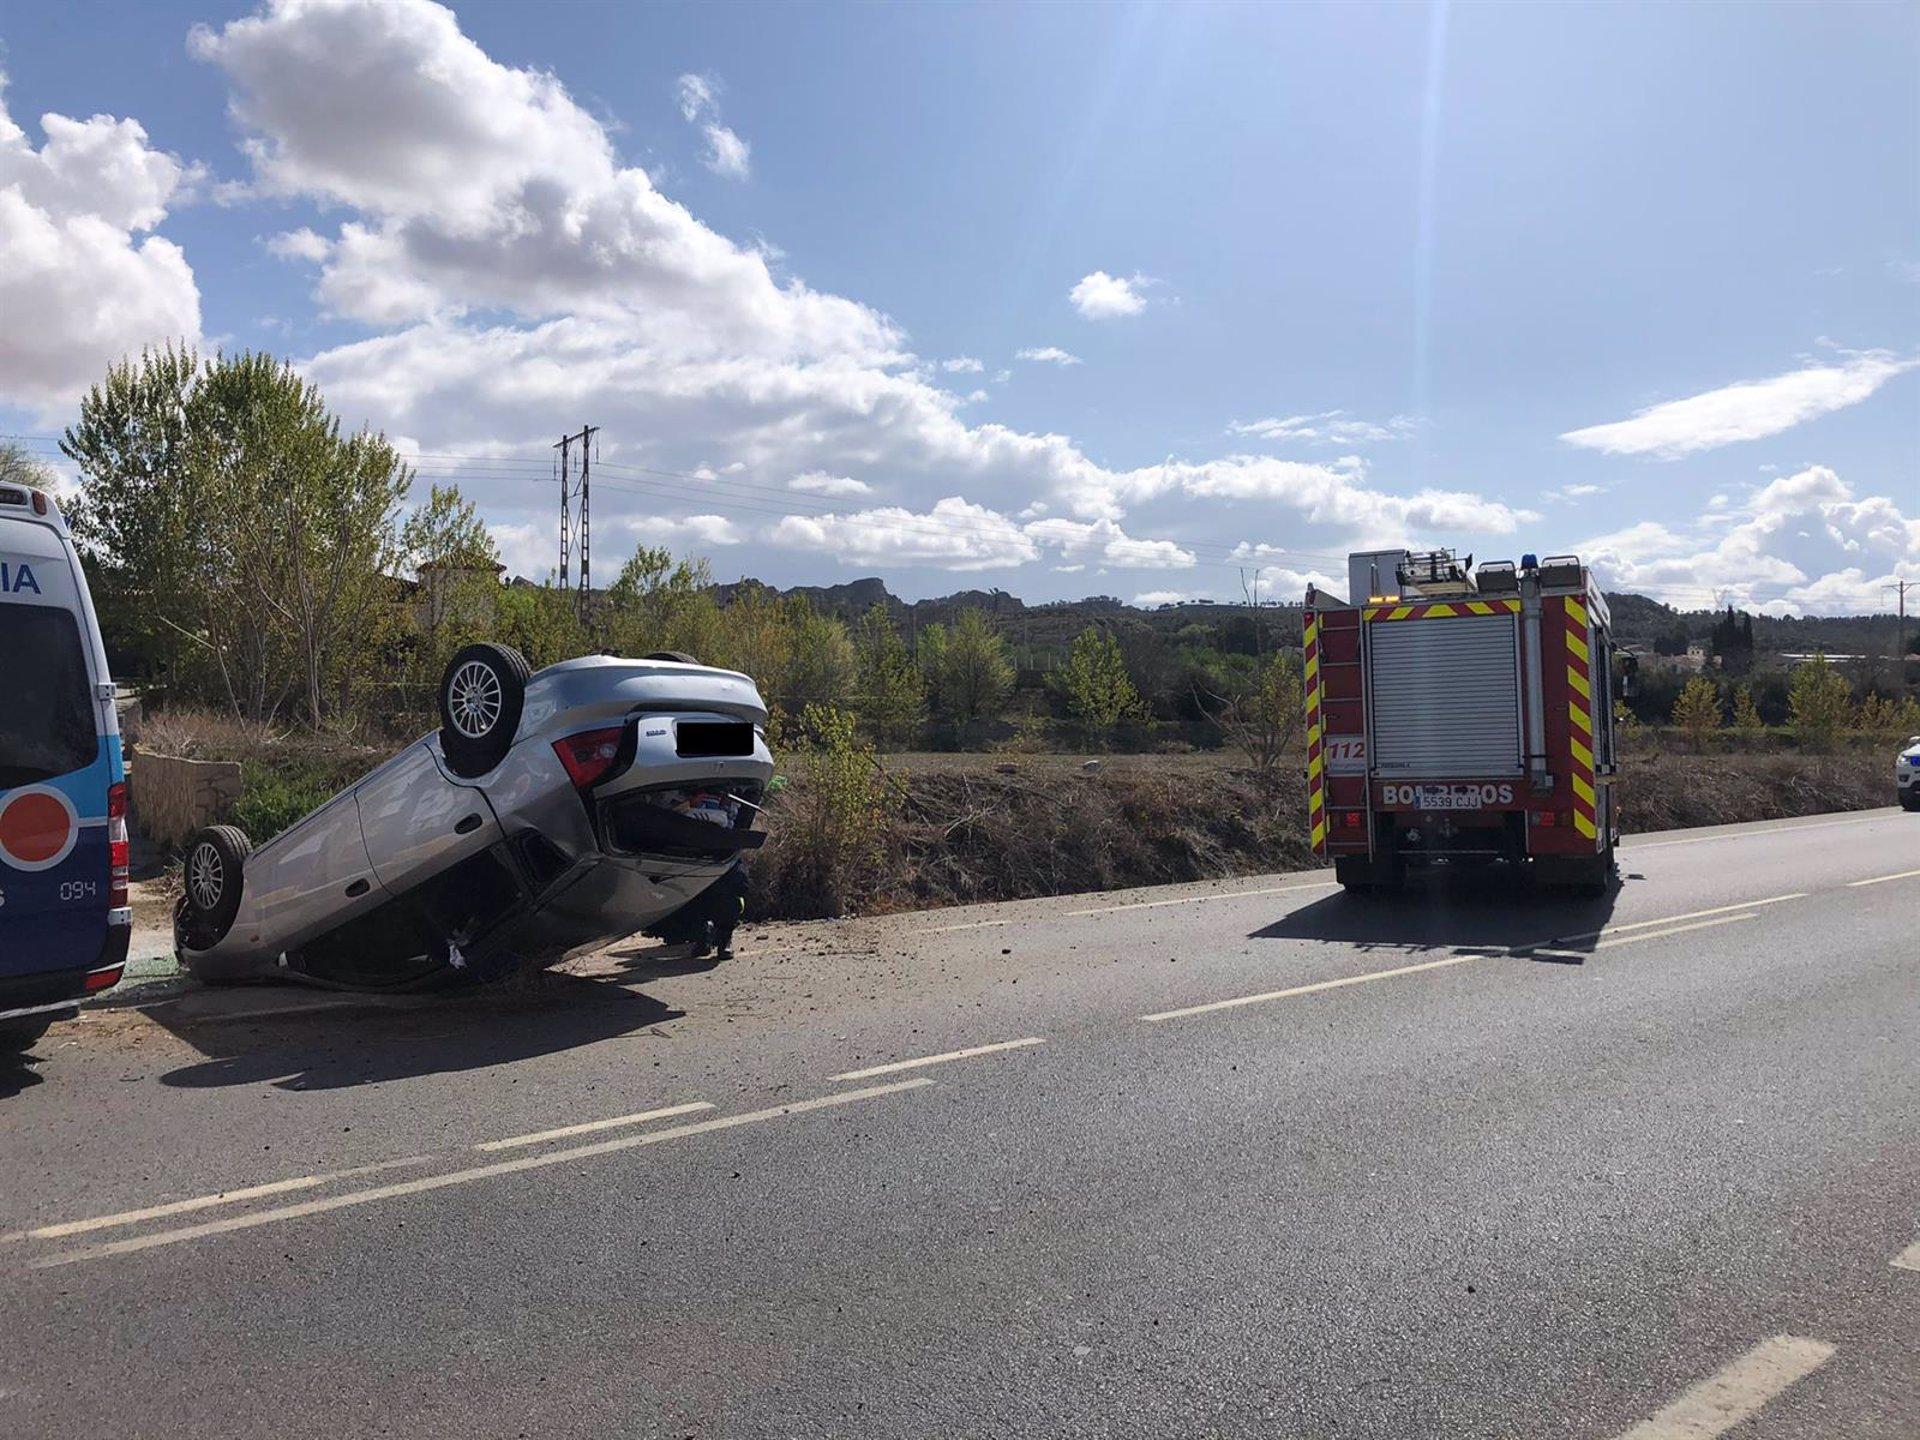 Rescatan a un conductor atrapado tras volcar el vehículo que conducía en Guadix